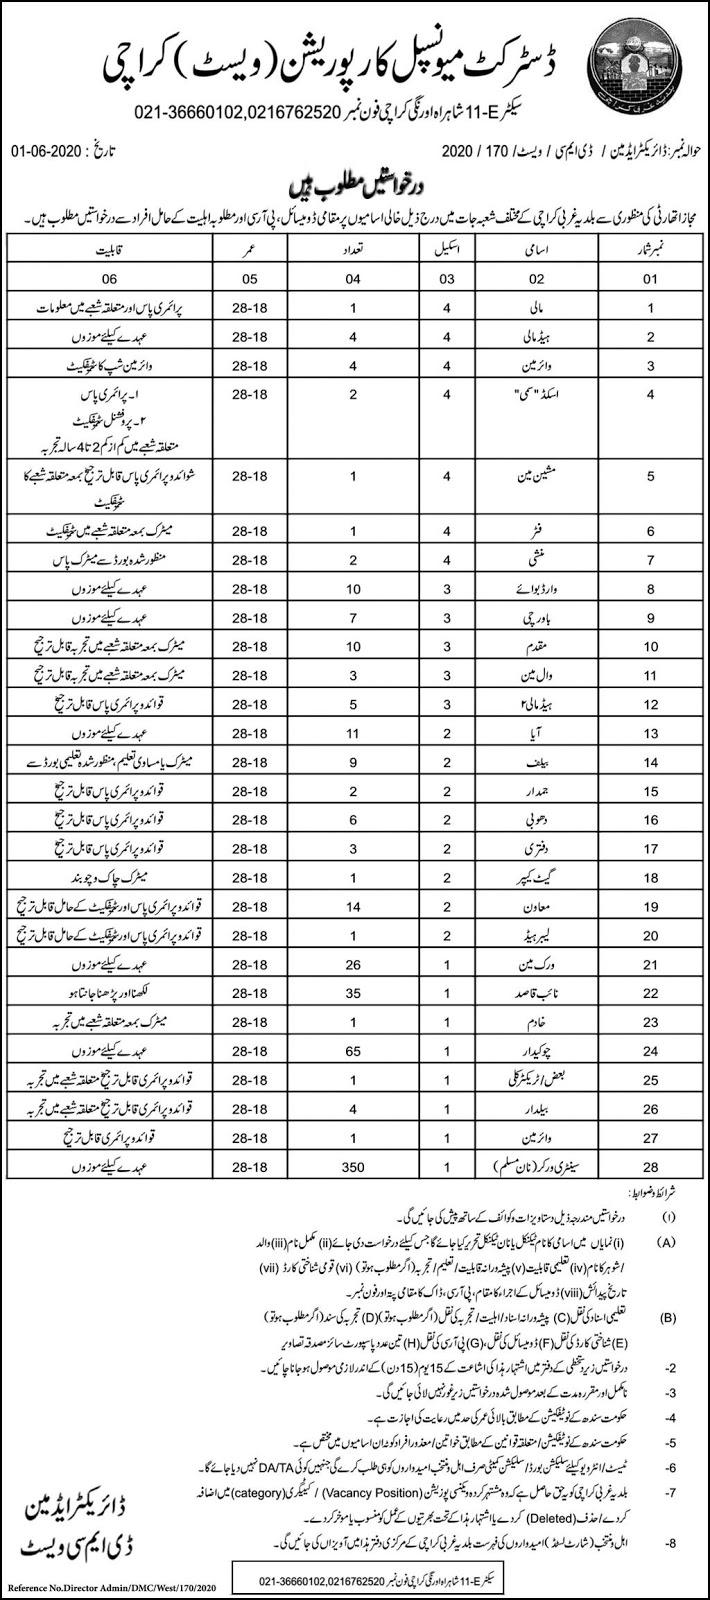 District Municipal Corporation (West) Karachi Jobss 2020